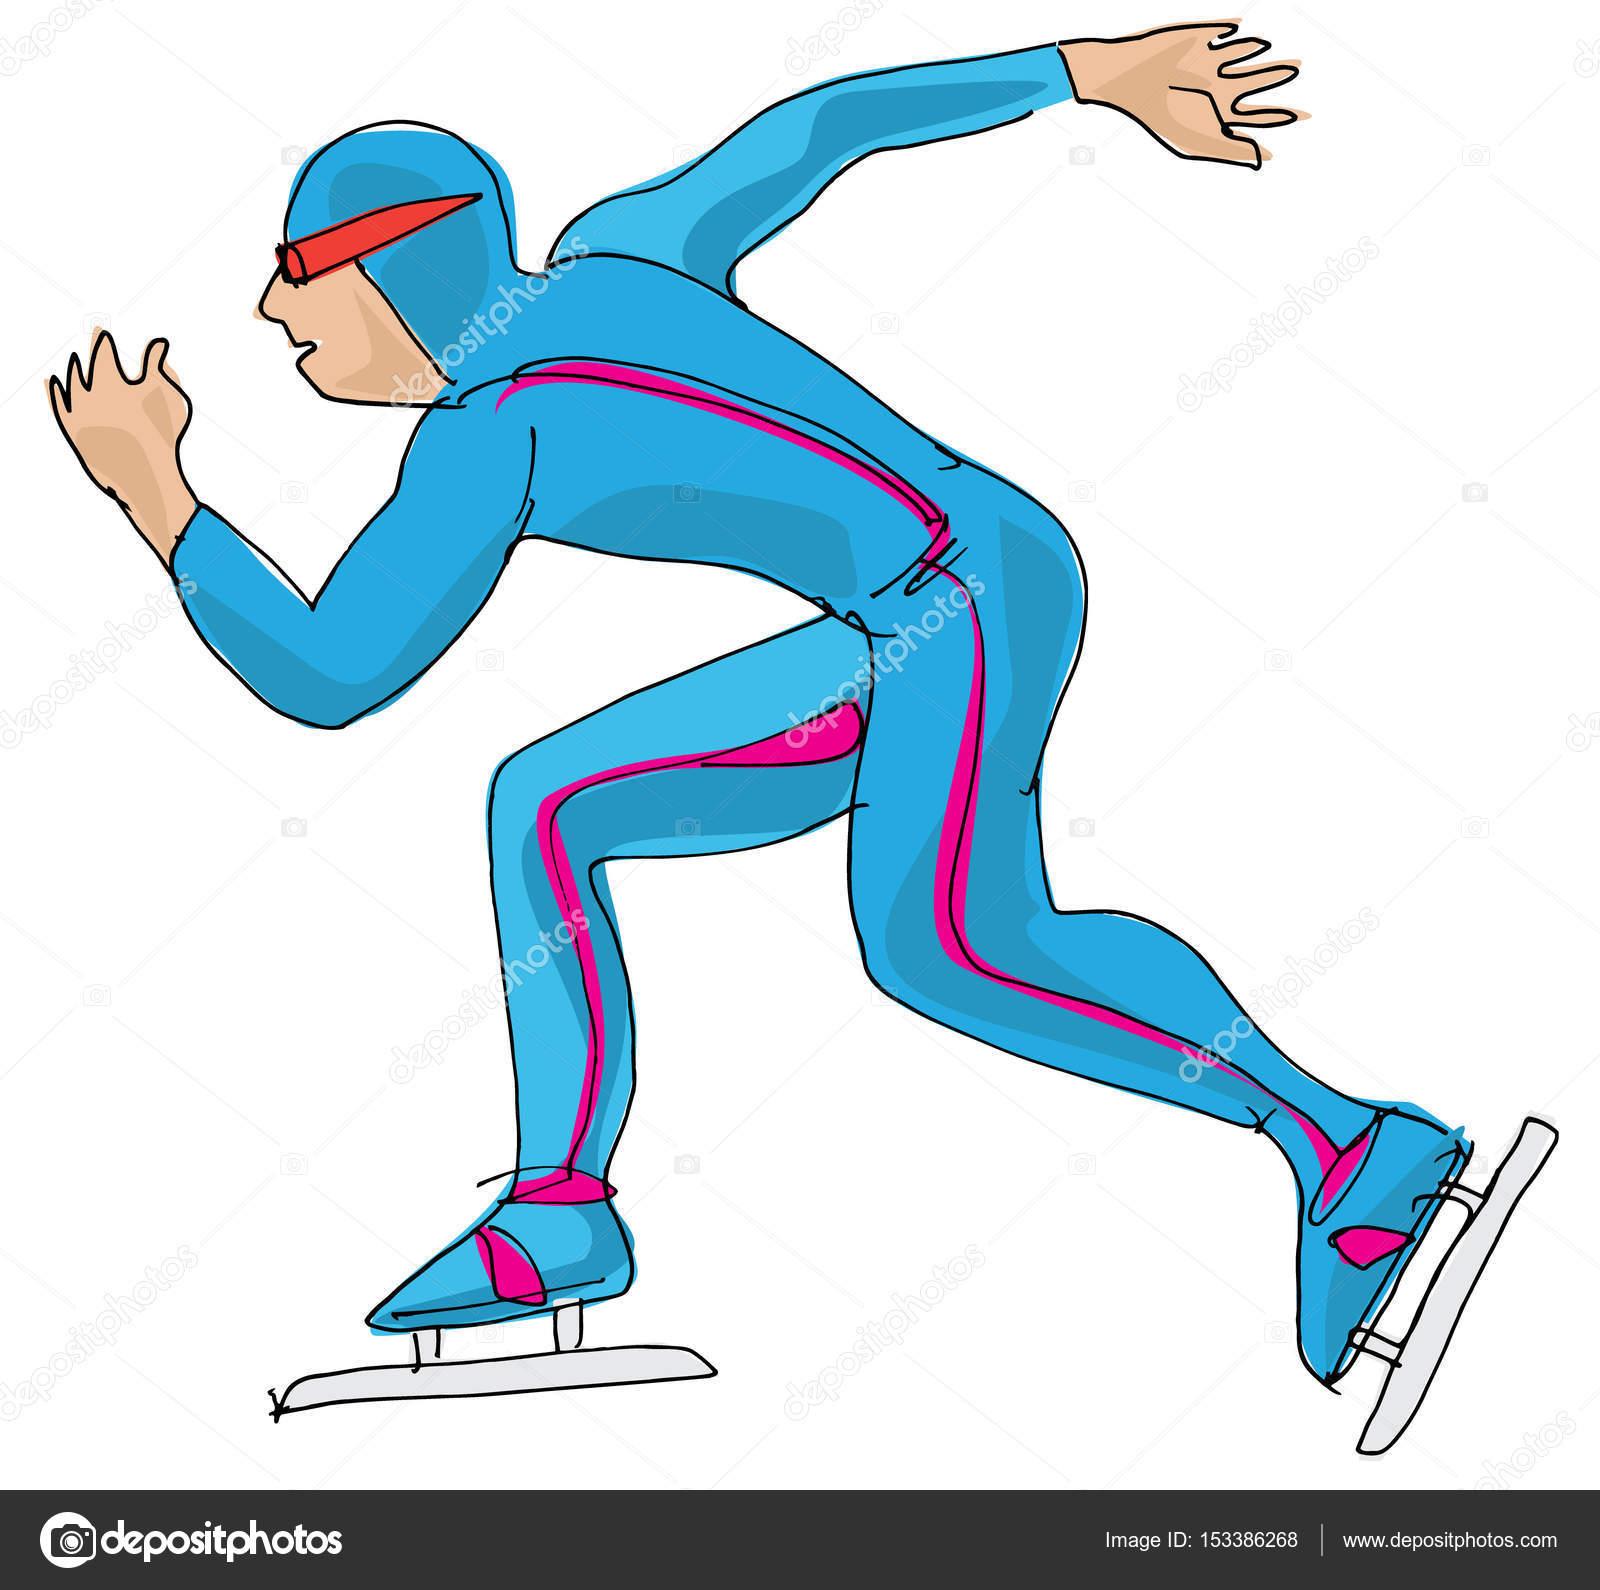 Schaatsen Schaatsen Sprintrace Zet Cartoon Stockvector C Iralu1 153386268